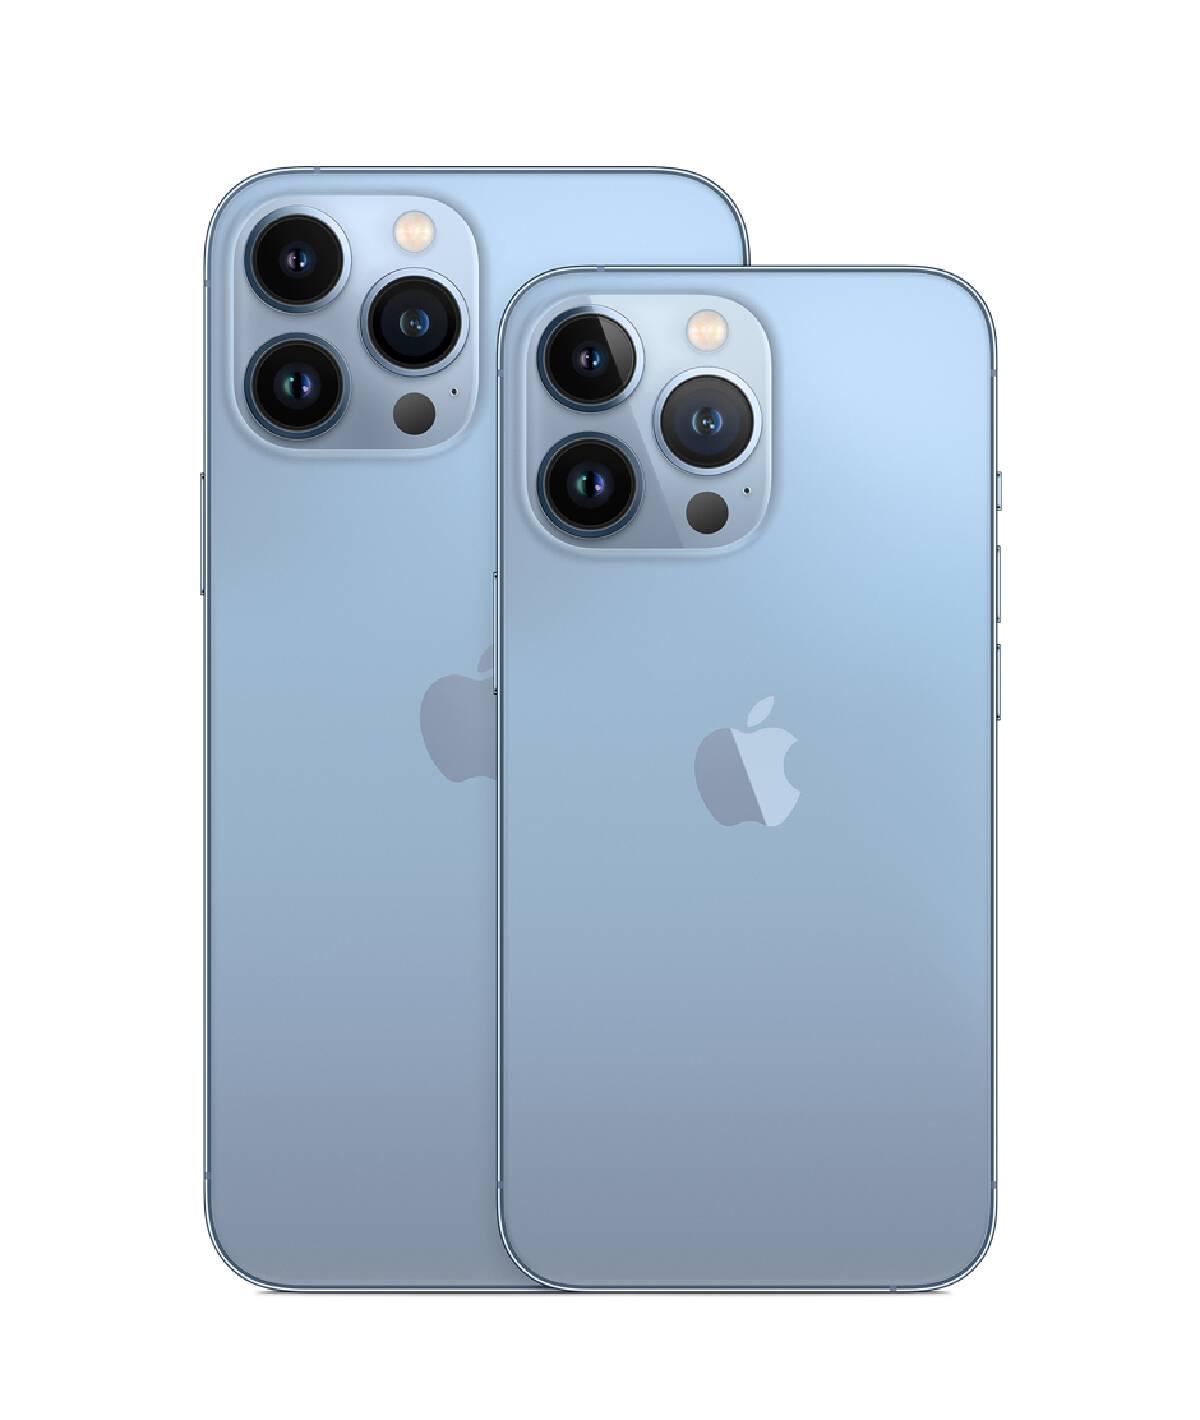 iPhone 13 Pro-iPhone 13 Pro Max โปรล้ำกว่าครั้งไหนๆ